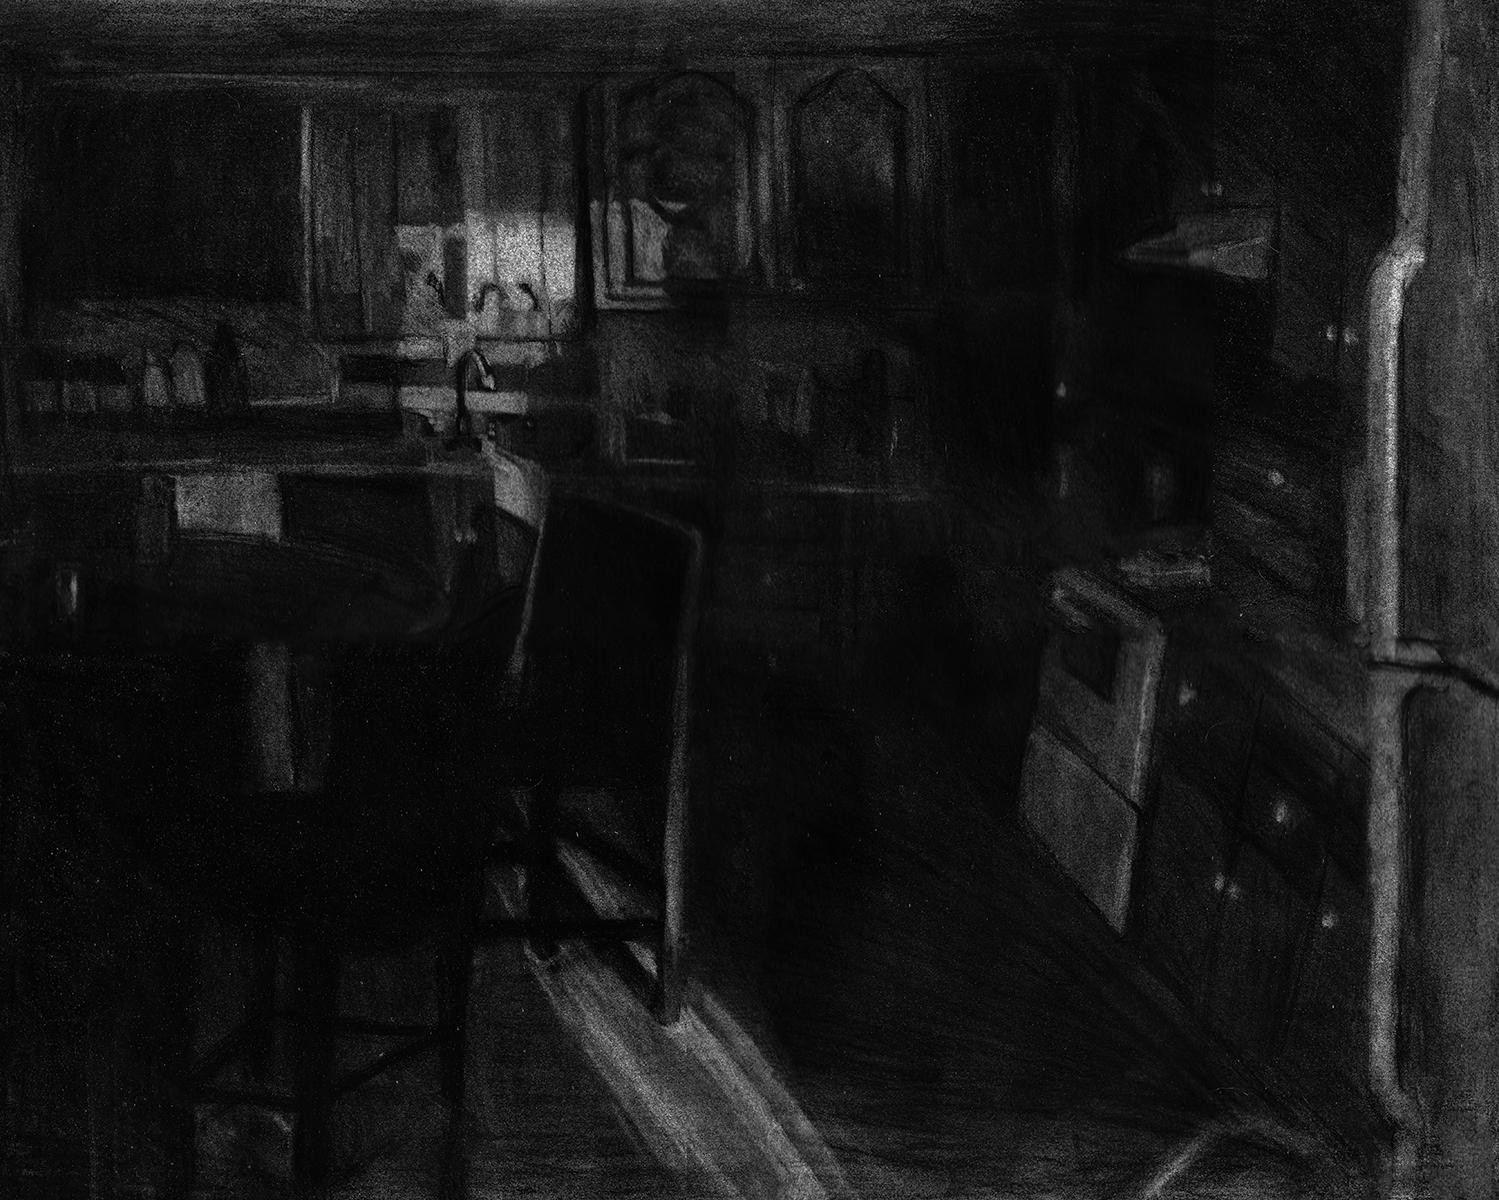 James Foreman, Erased Night